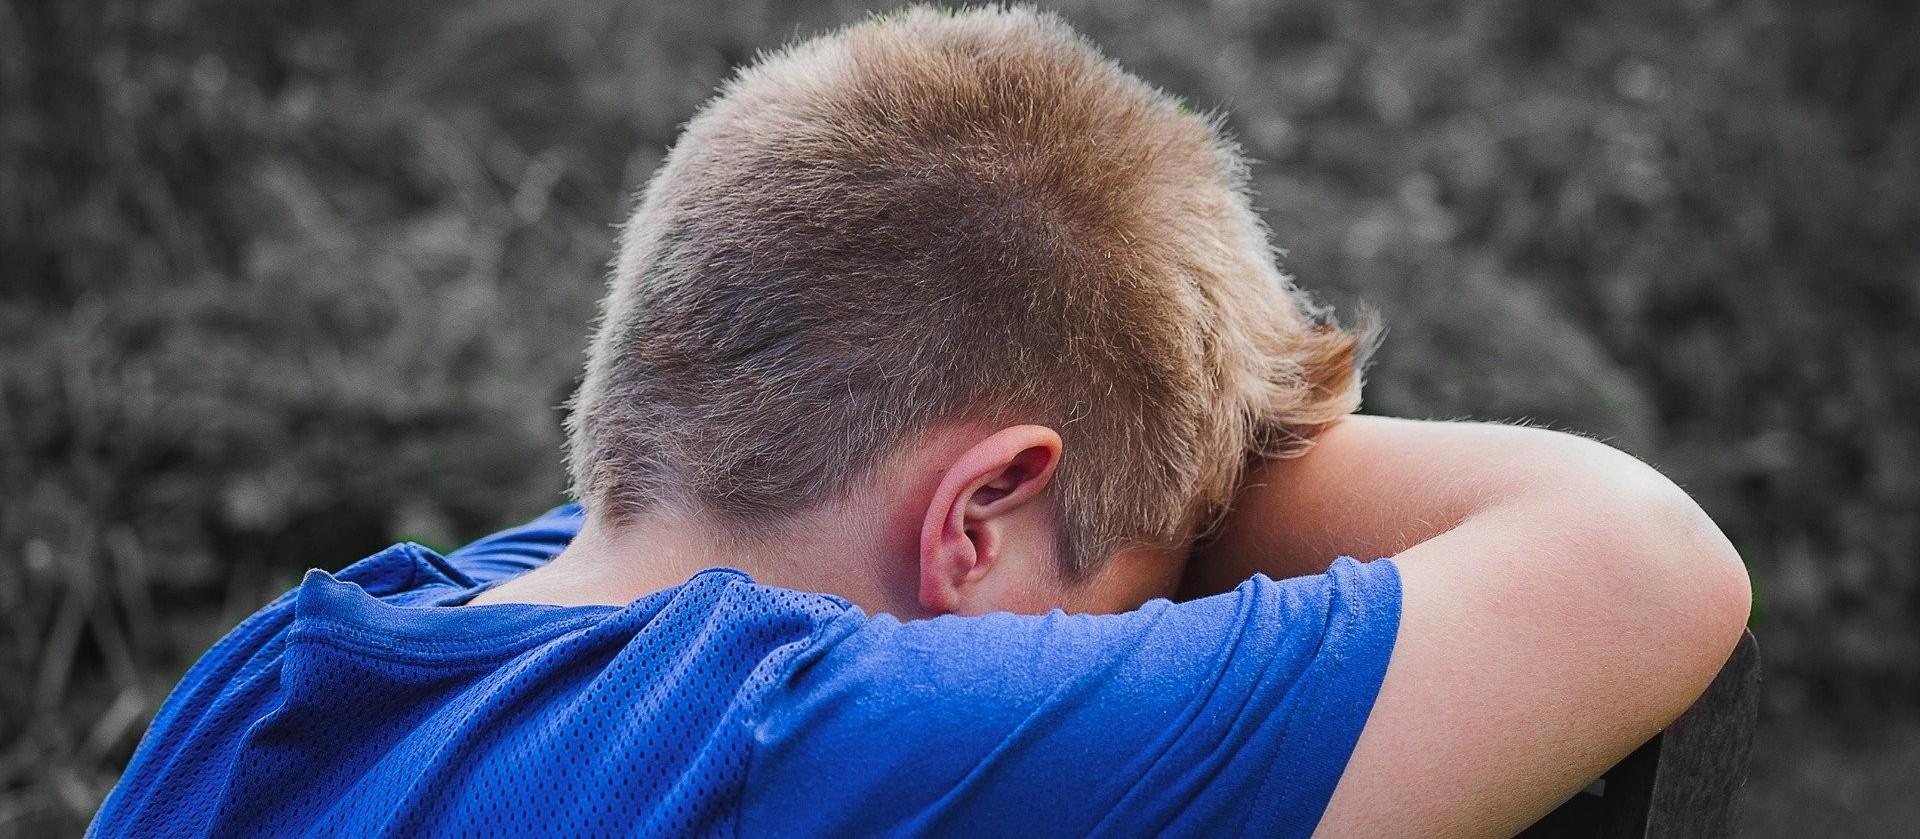 Não é com punição que se ensina a criança a ser responsável, diz psicóloga